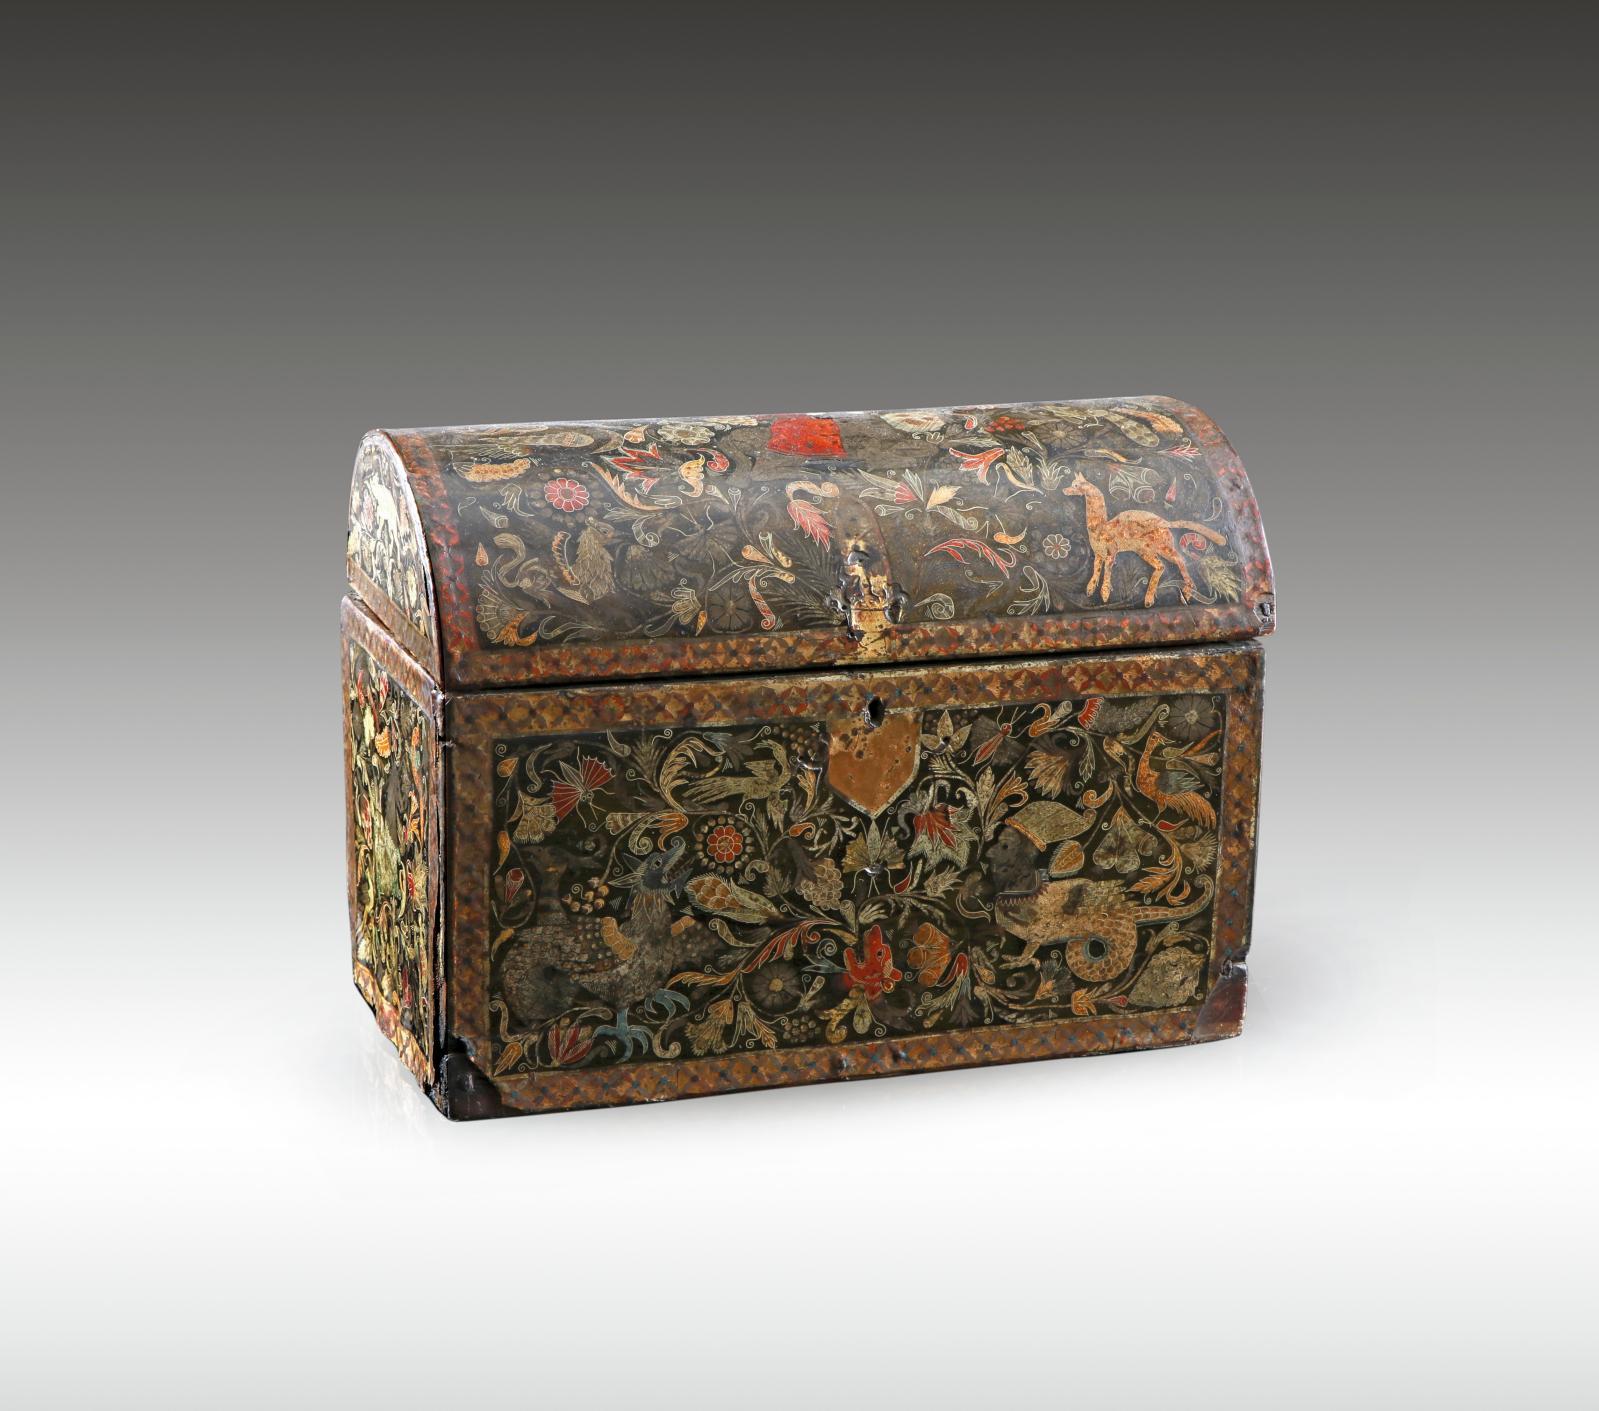 Ancienne vice-royauté du Pérou (Colombie), ou Quito (Équateur), vers1650-1700. Coffret en vernis de Pasto, 17x22,5x11,5cm. Adjugé: